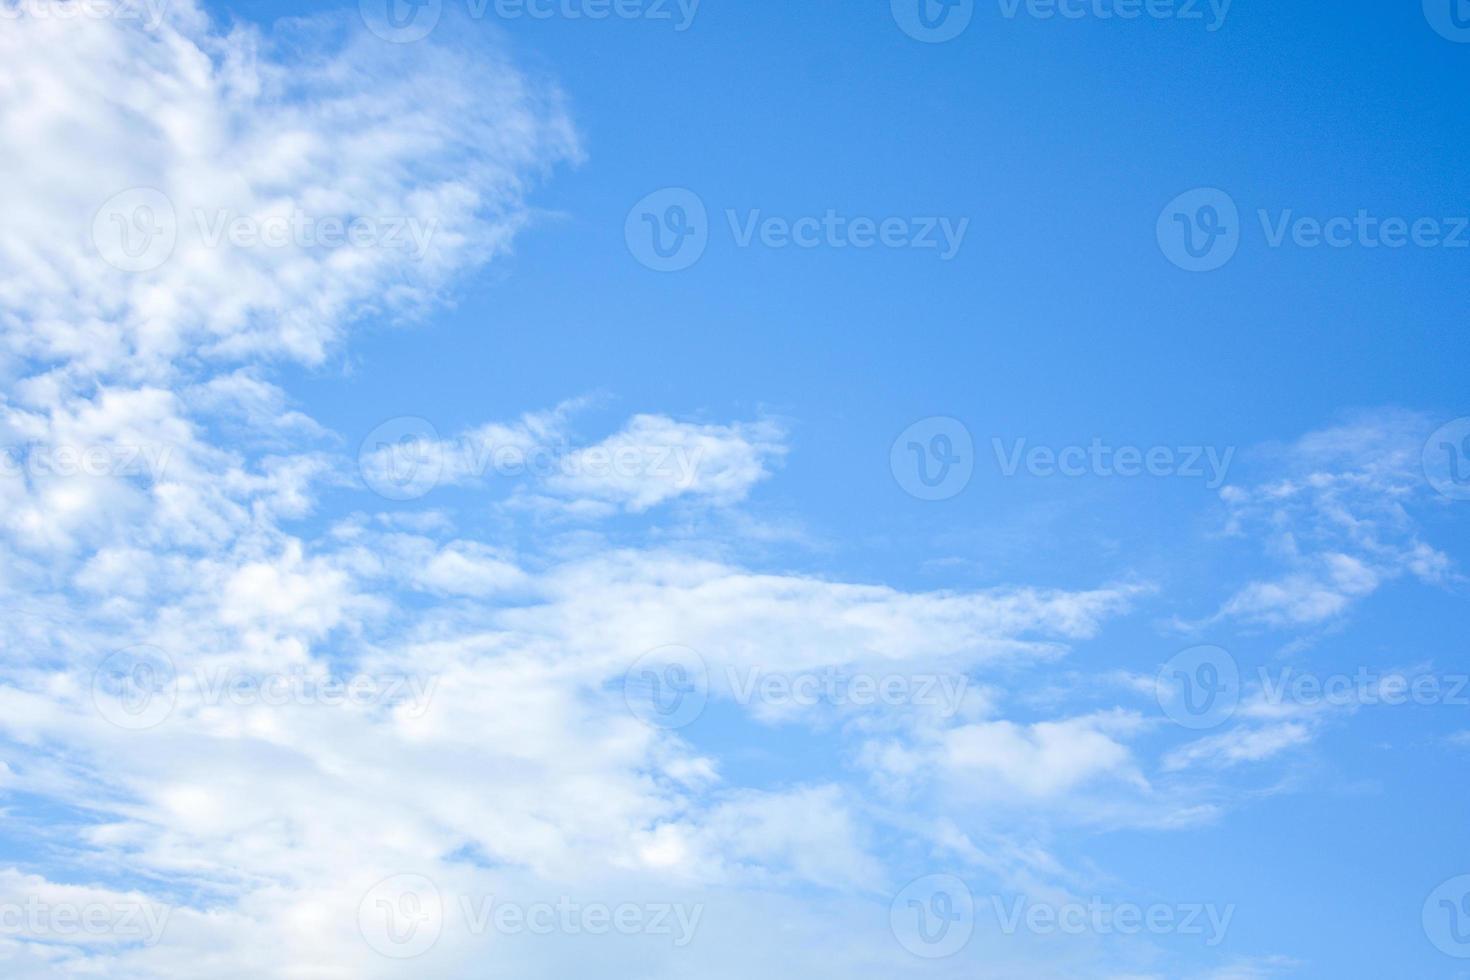 blauwe lucht en de wolken achtergrond foto